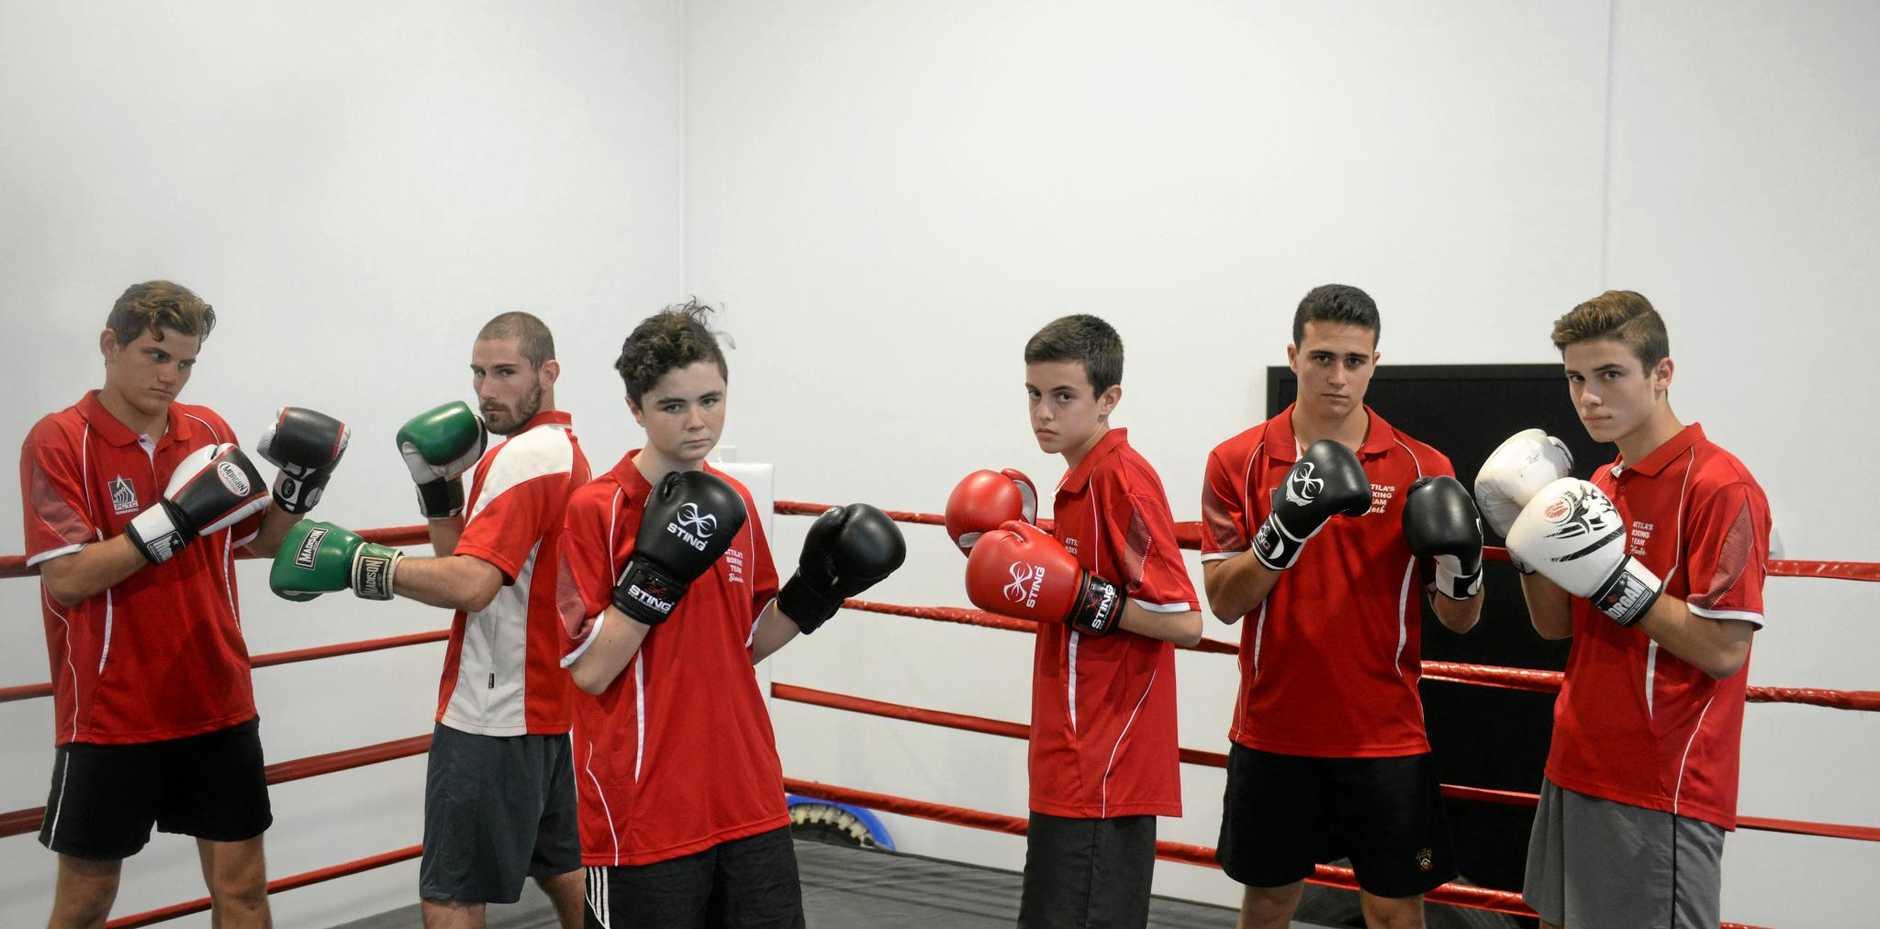 FIGHT: Dean Read, Adam Becker, Tristan Hotz, Bronson Carroll will box tonight.